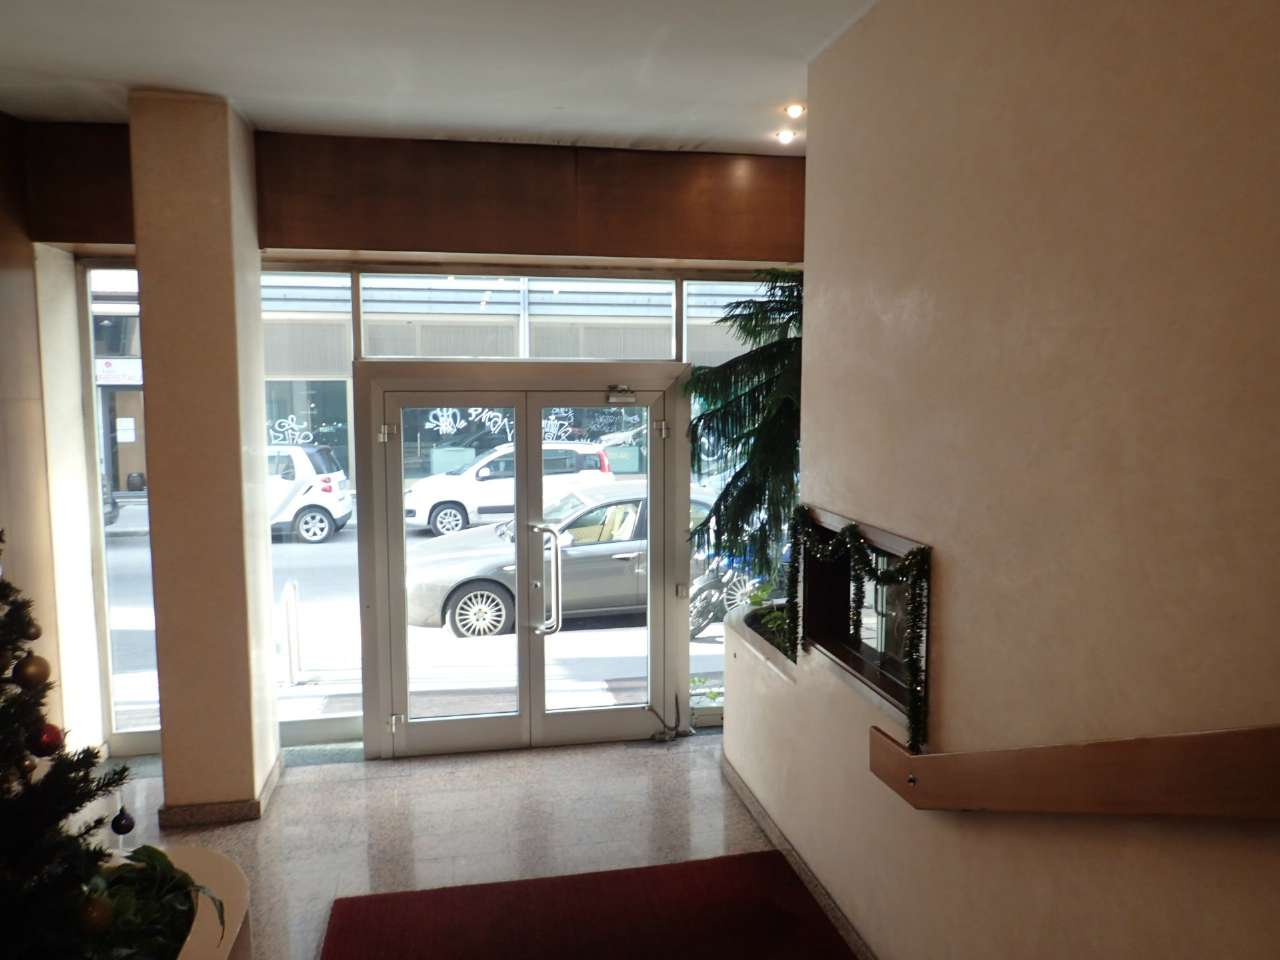 Ufficio-studio in Affitto a Milano 02 Brera / Volta / Repubblica: 4 locali, 120 mq